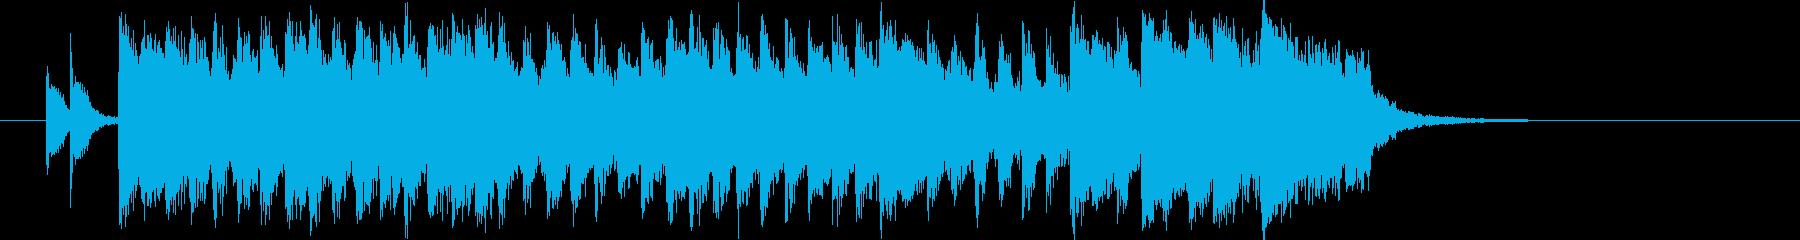 キラキラ 1980s ポップスの再生済みの波形